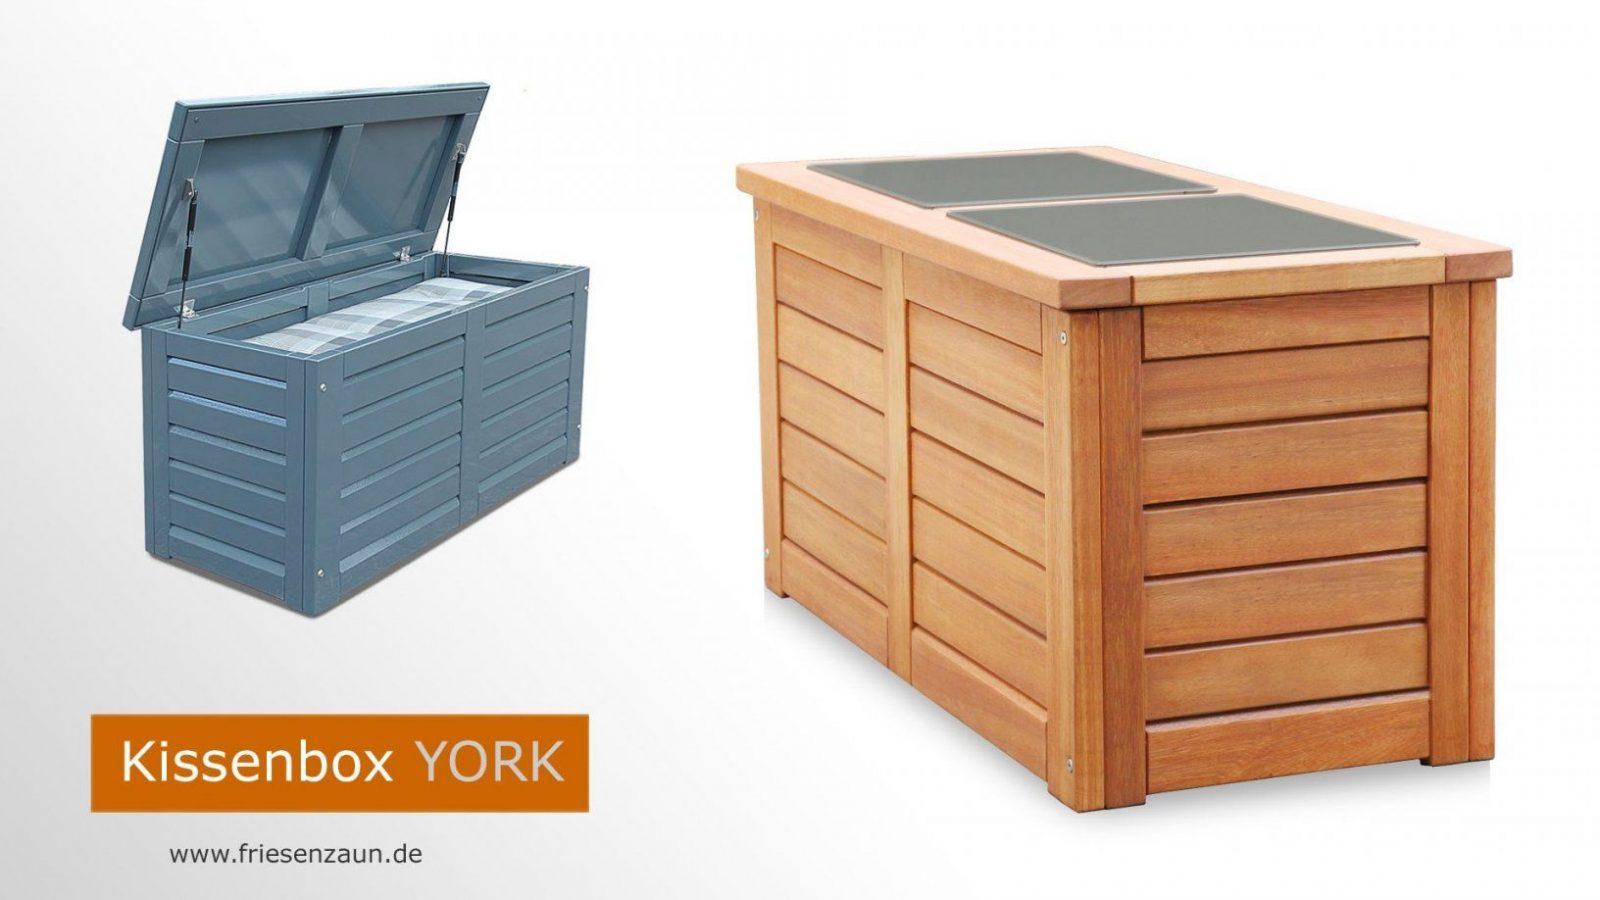 gartentruhe f r auflagen kissen gasdruckfedern von auflagenbox holz selber bauen bild haus. Black Bedroom Furniture Sets. Home Design Ideas